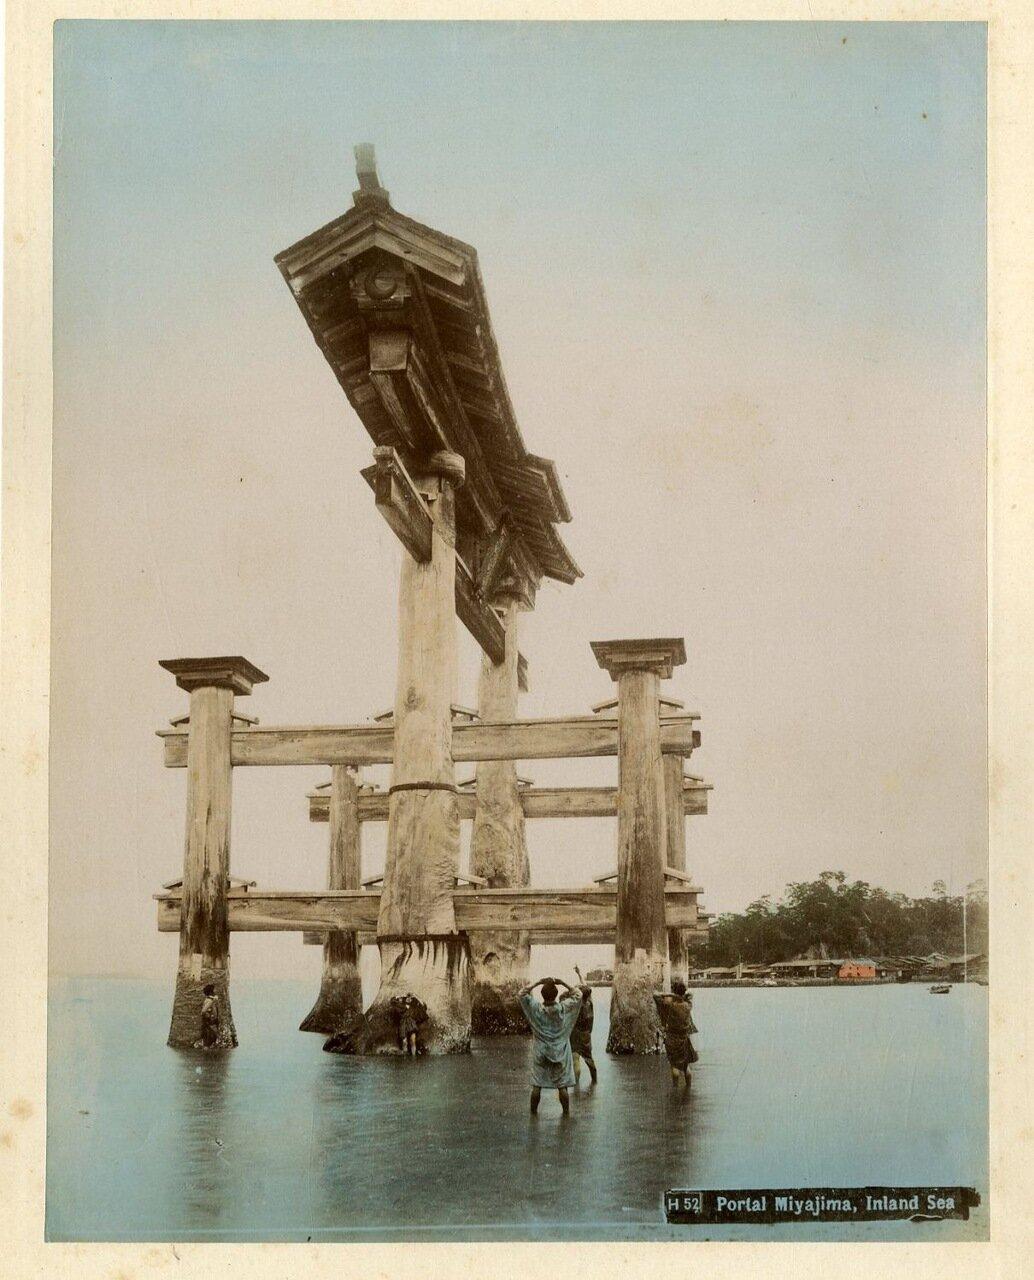 Миядзима. Тории у святилища Ицукусимы